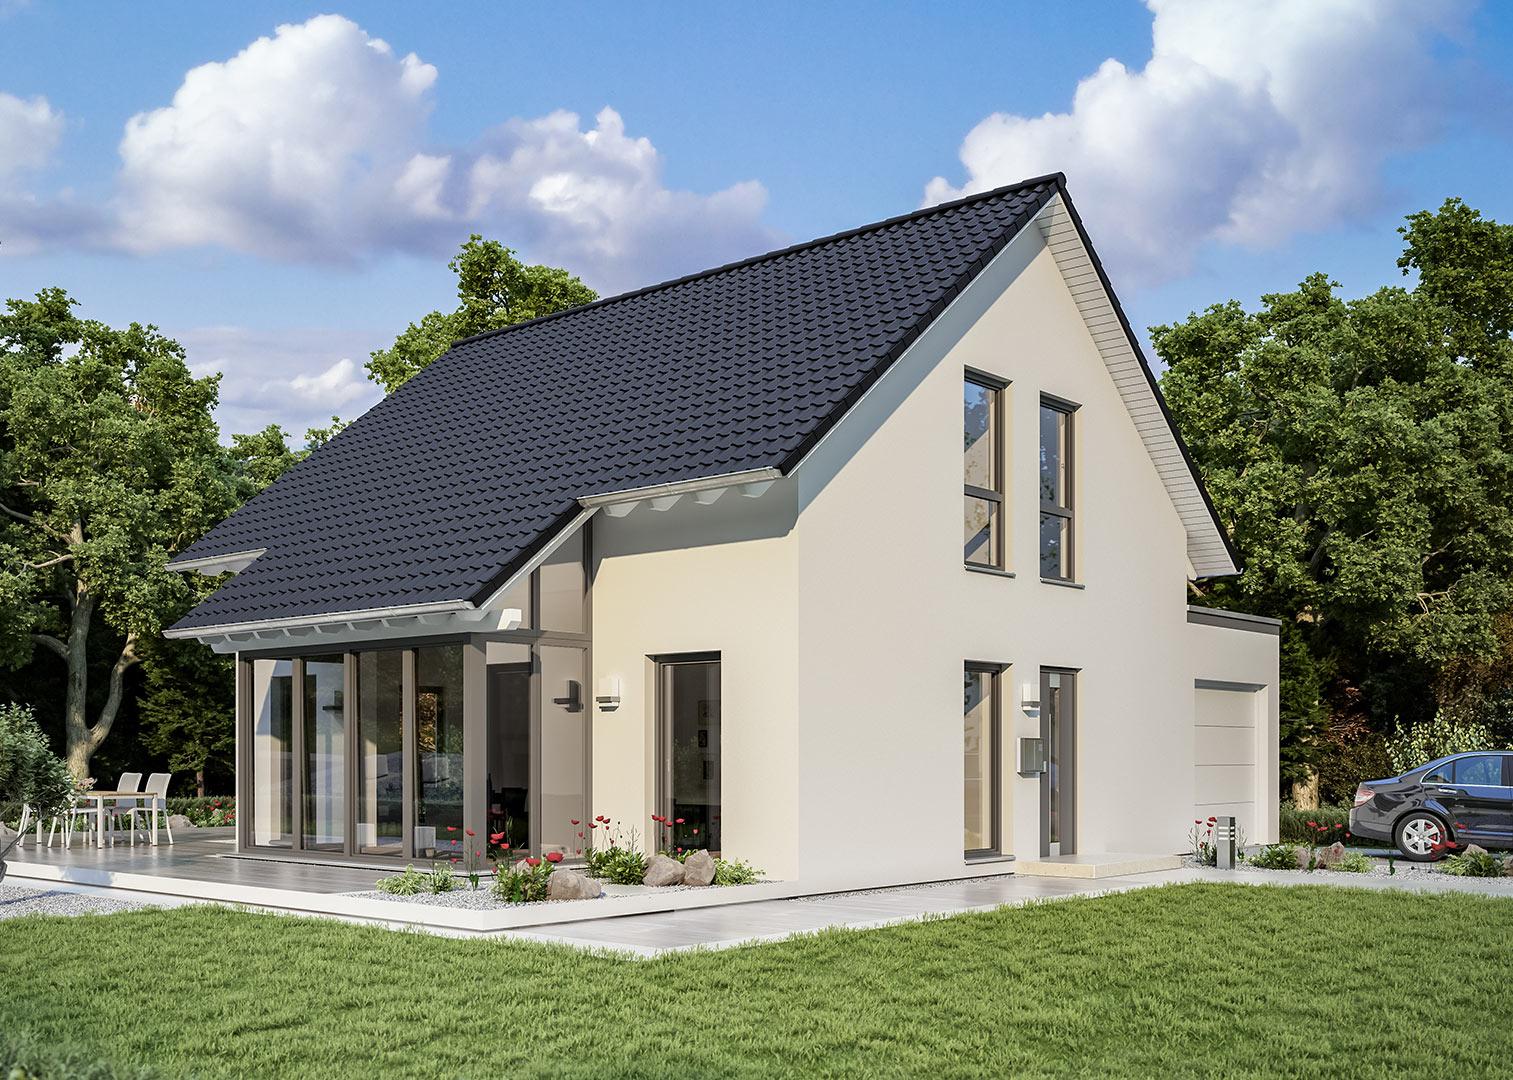 massa-einfamilienhaus-lifestyle-14-04-s-bild-2